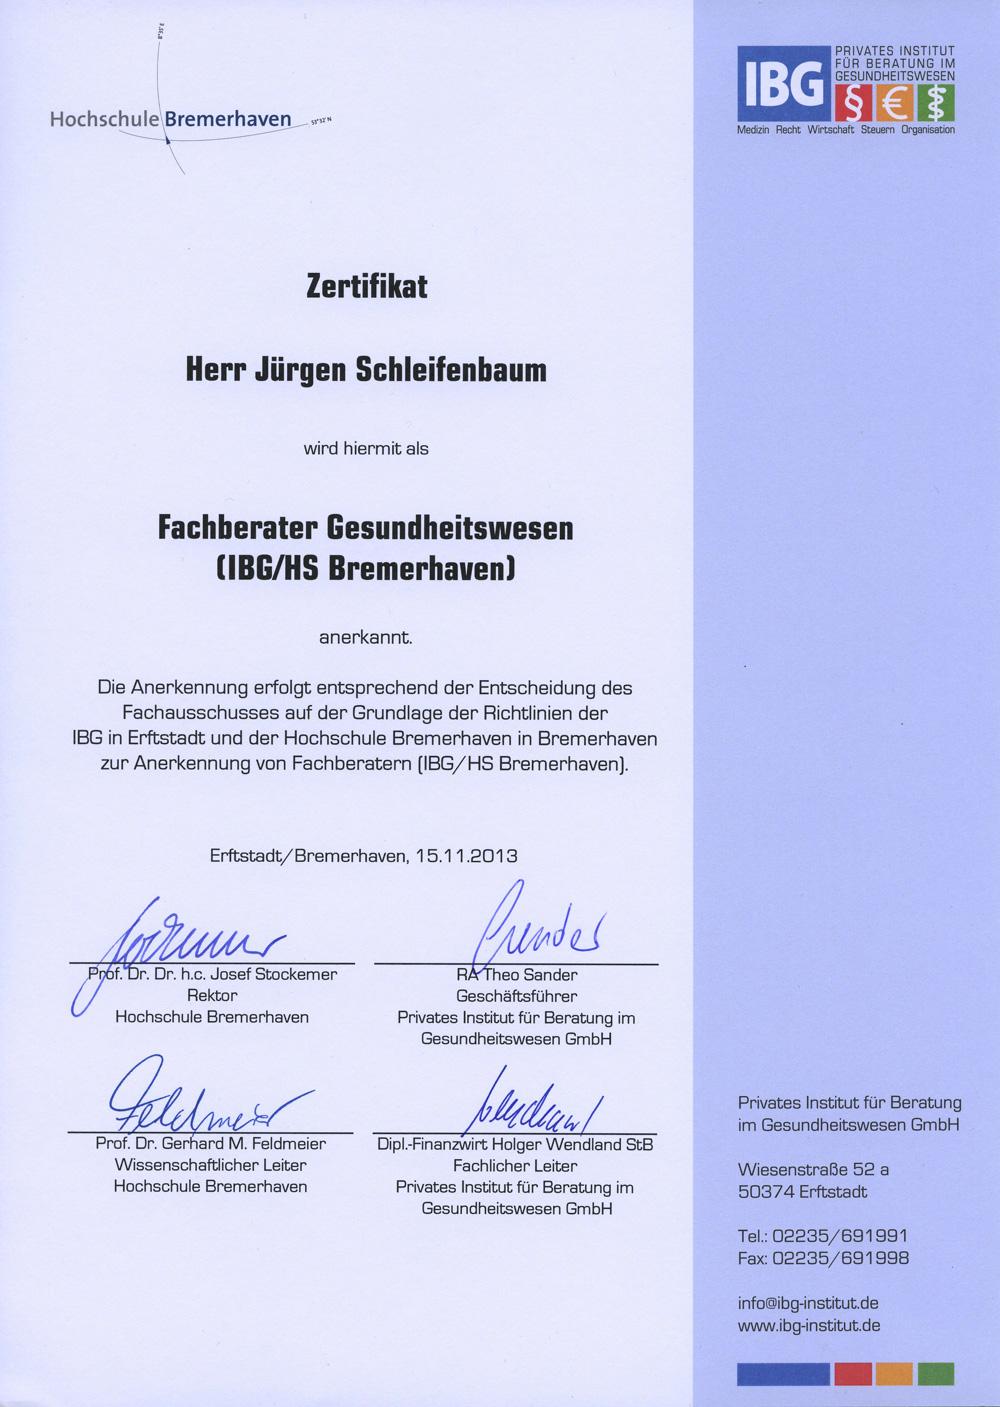 Fachberater_Gesundheitswesen_Schleifenbaum